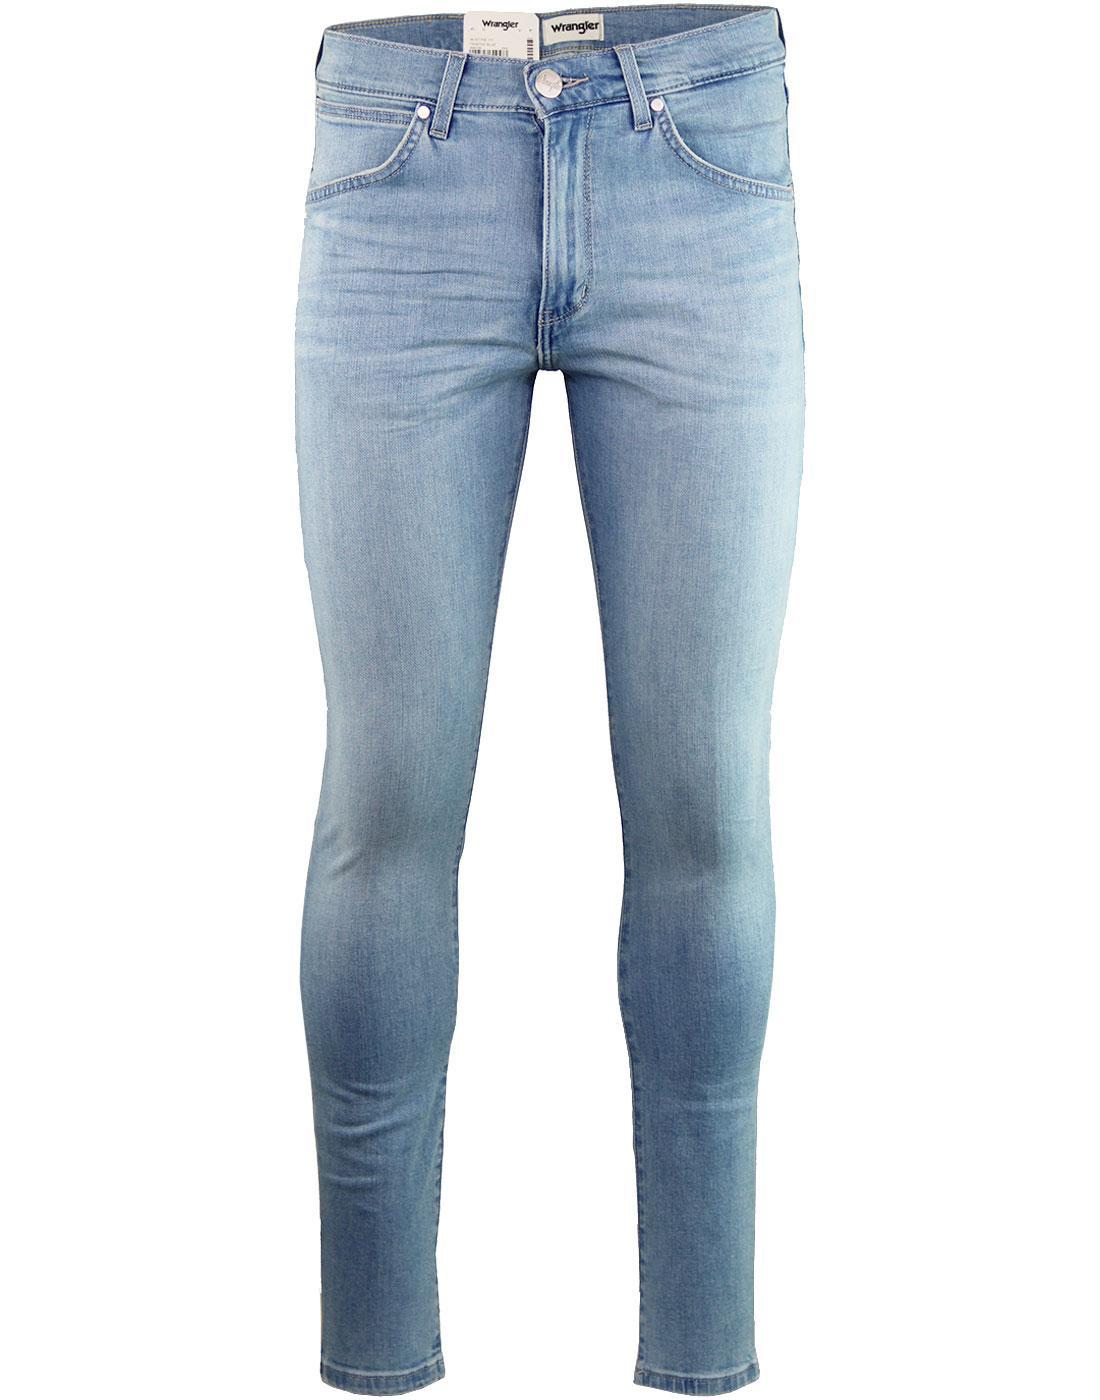 59013e9b WRANGLER 'Strangler' Super Skinny Jeans in Tainted Blue